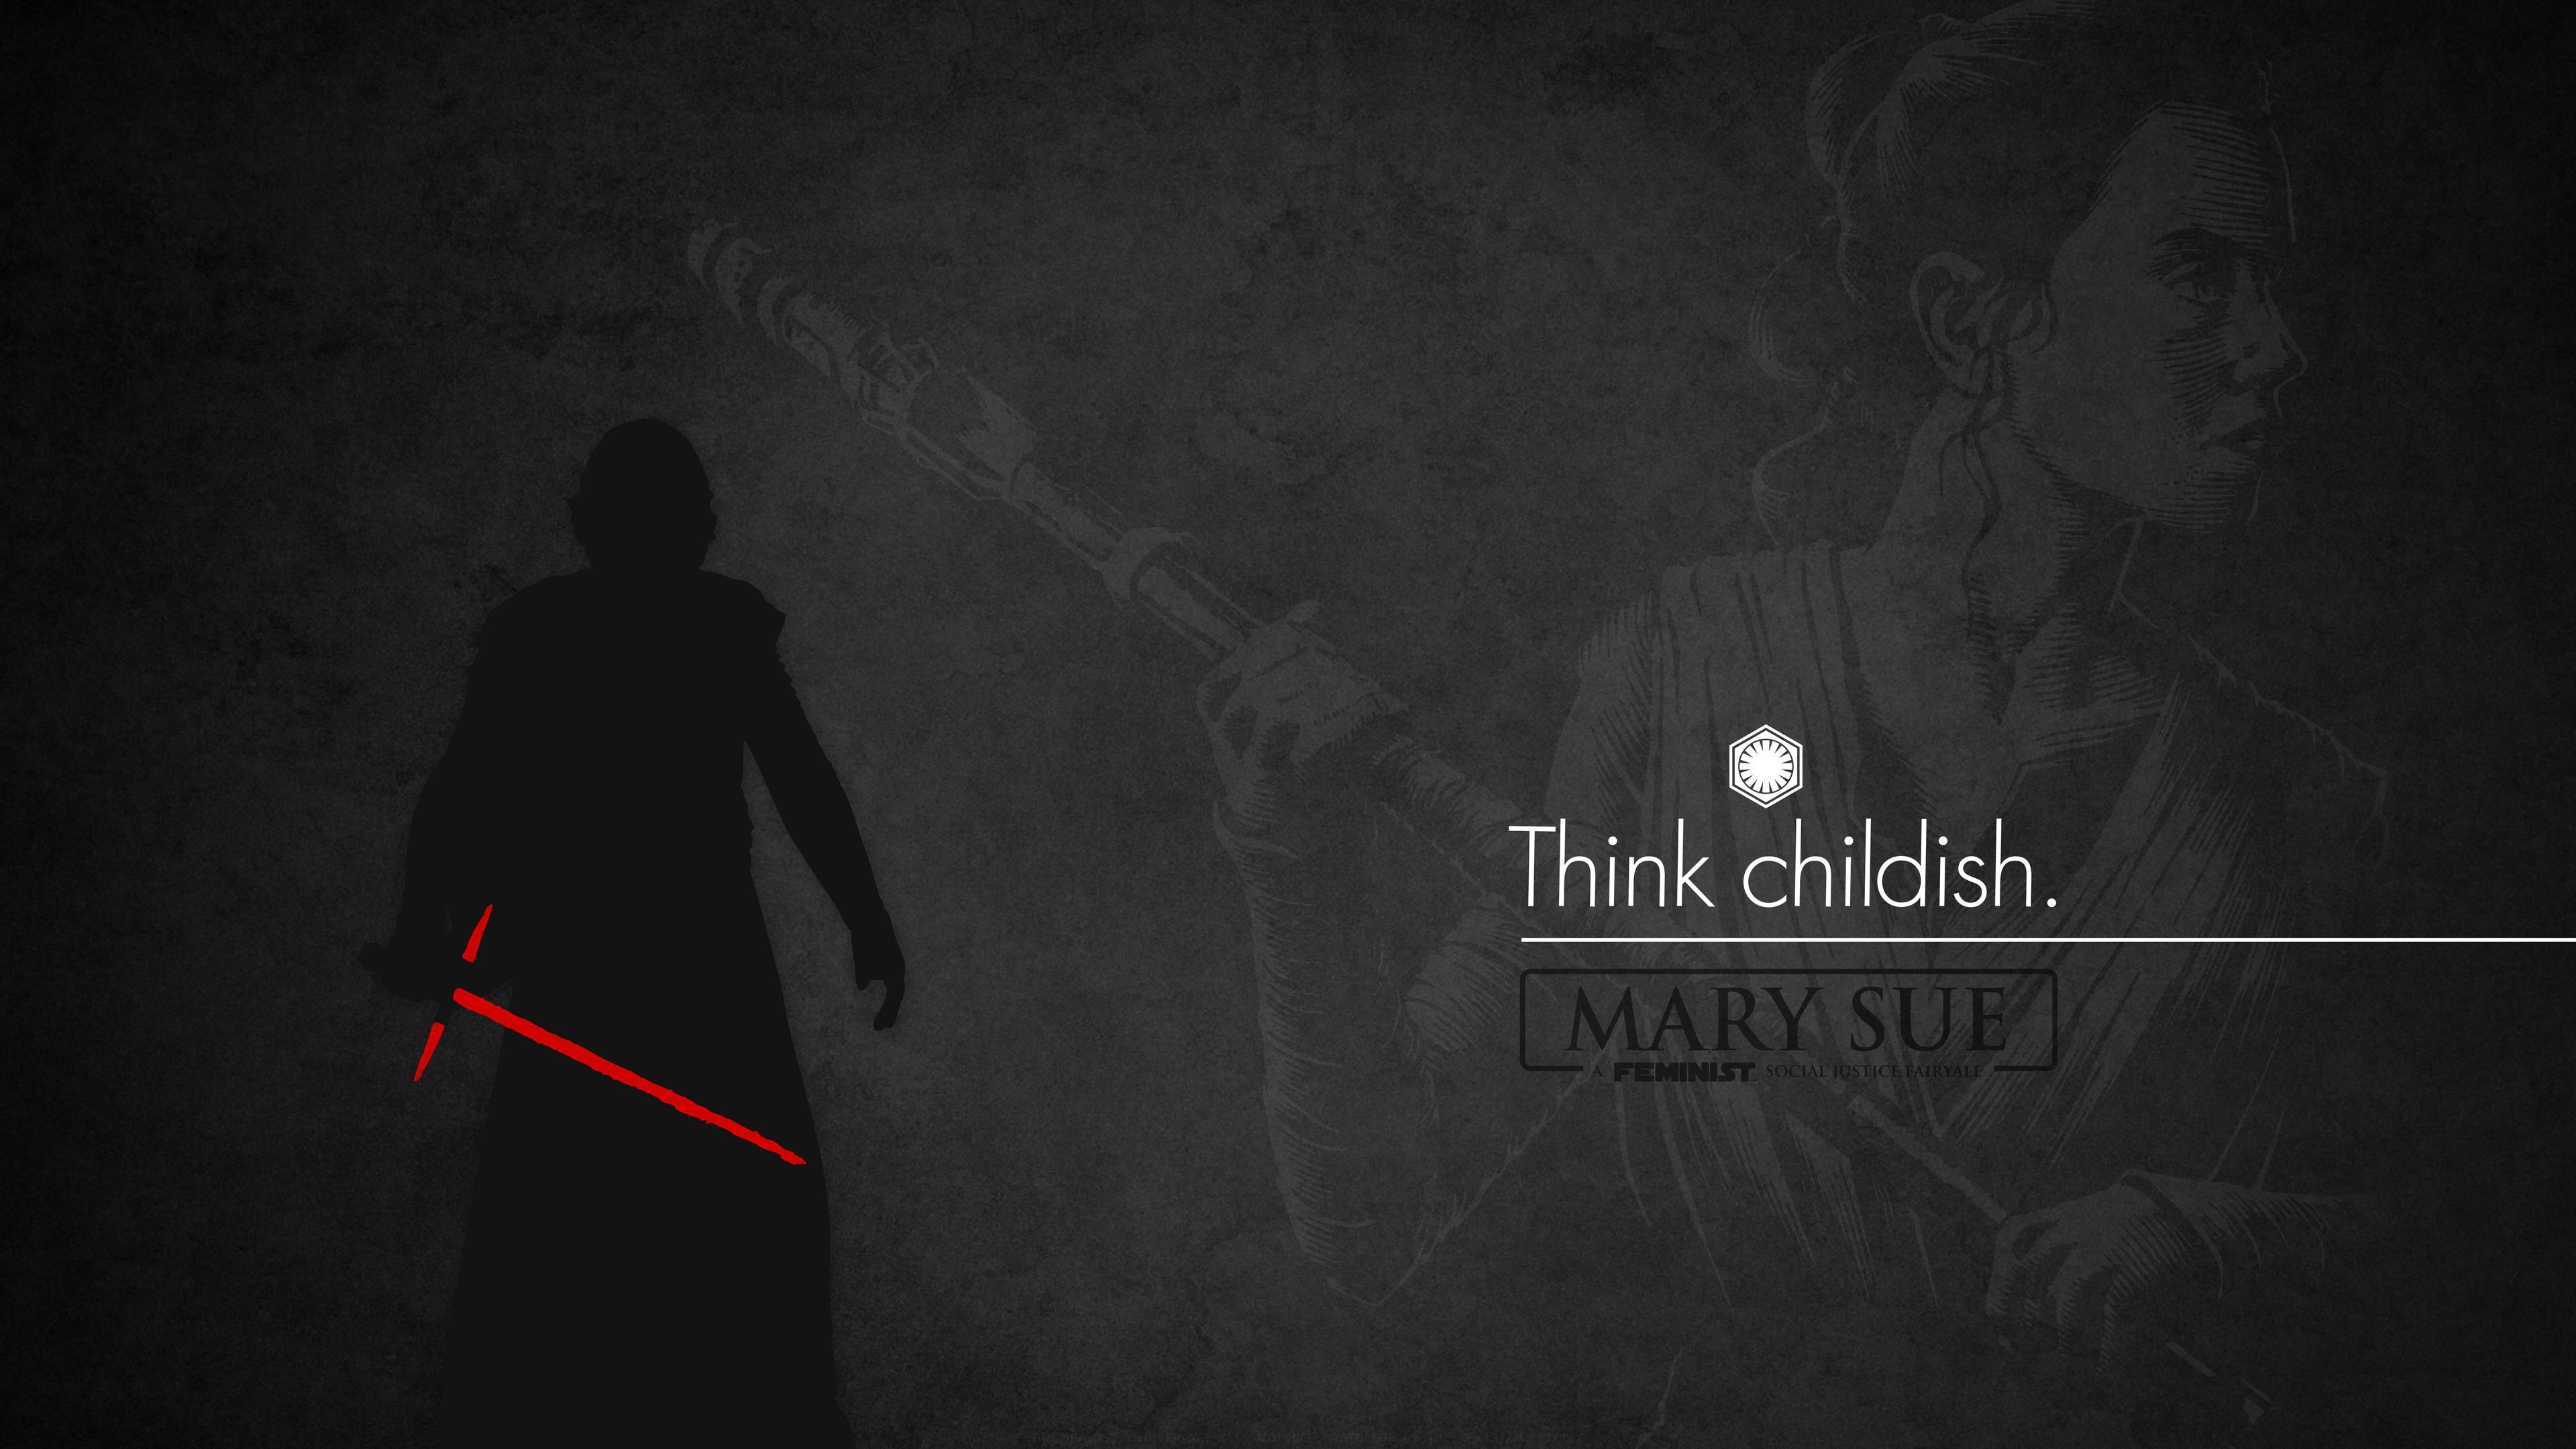 Star Wars The Last Jedi Wallpaper 8k UHD Ben Solo #starwars #star_wars  #the_last_jedi #thelastjedi